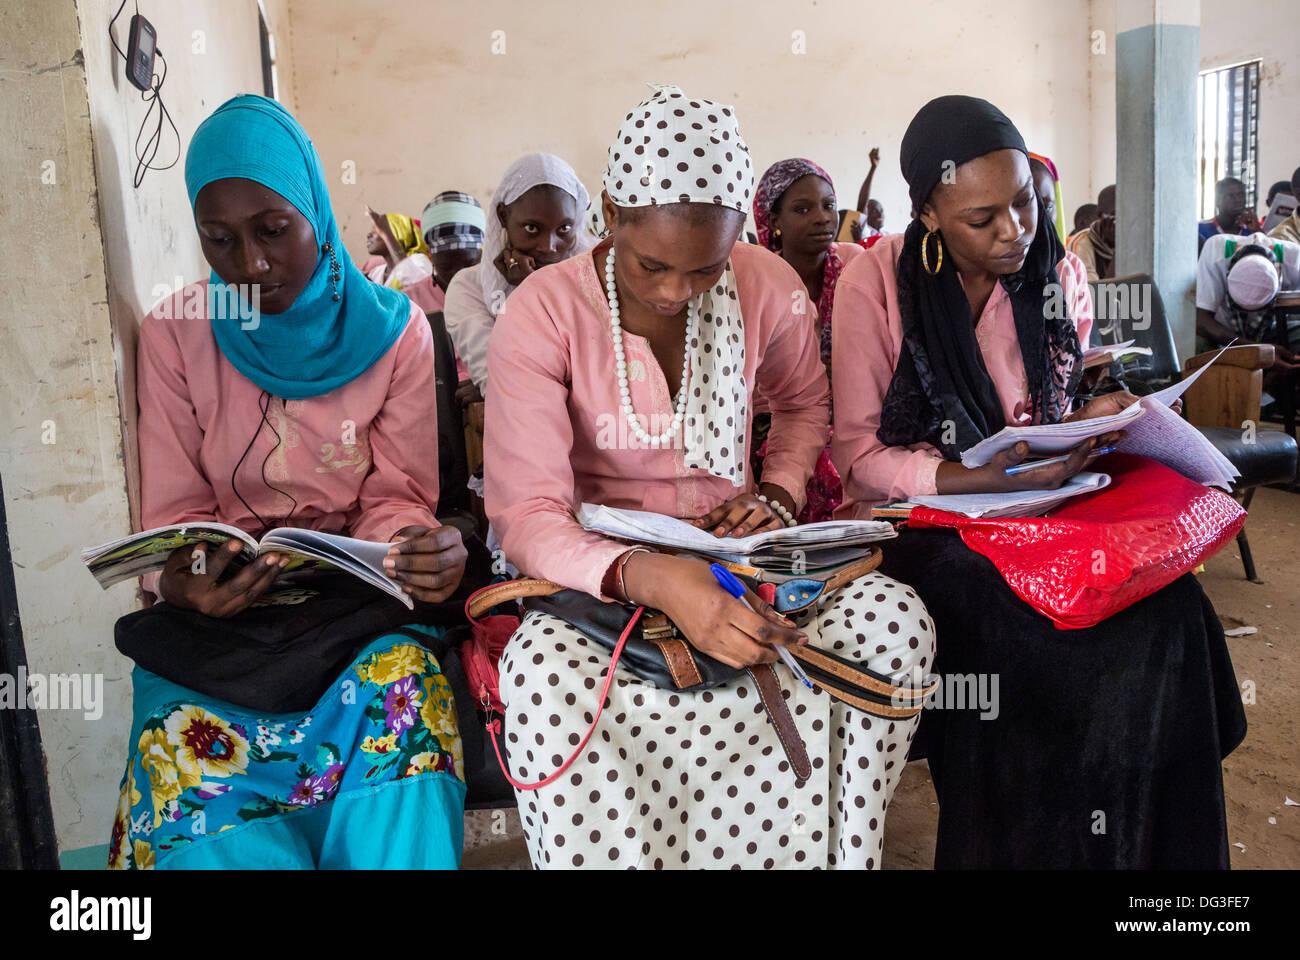 Senegal, Touba. Las mujeres jóvenes leyendo sus clases en el Instituto Al-Azhar de estudios islámicos. Foto de stock